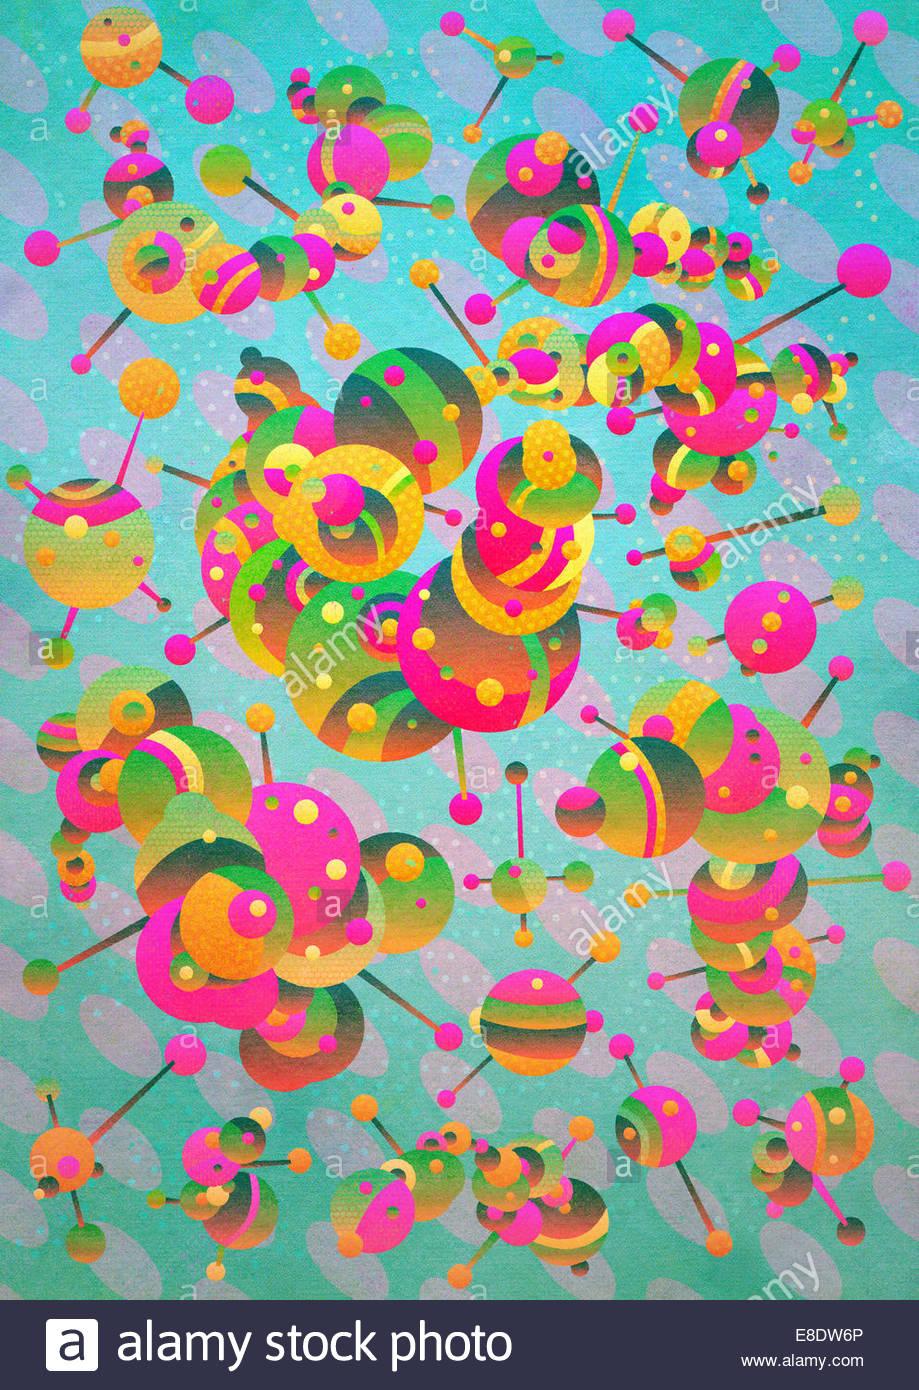 Abstract molecole collegato Immagini Stock